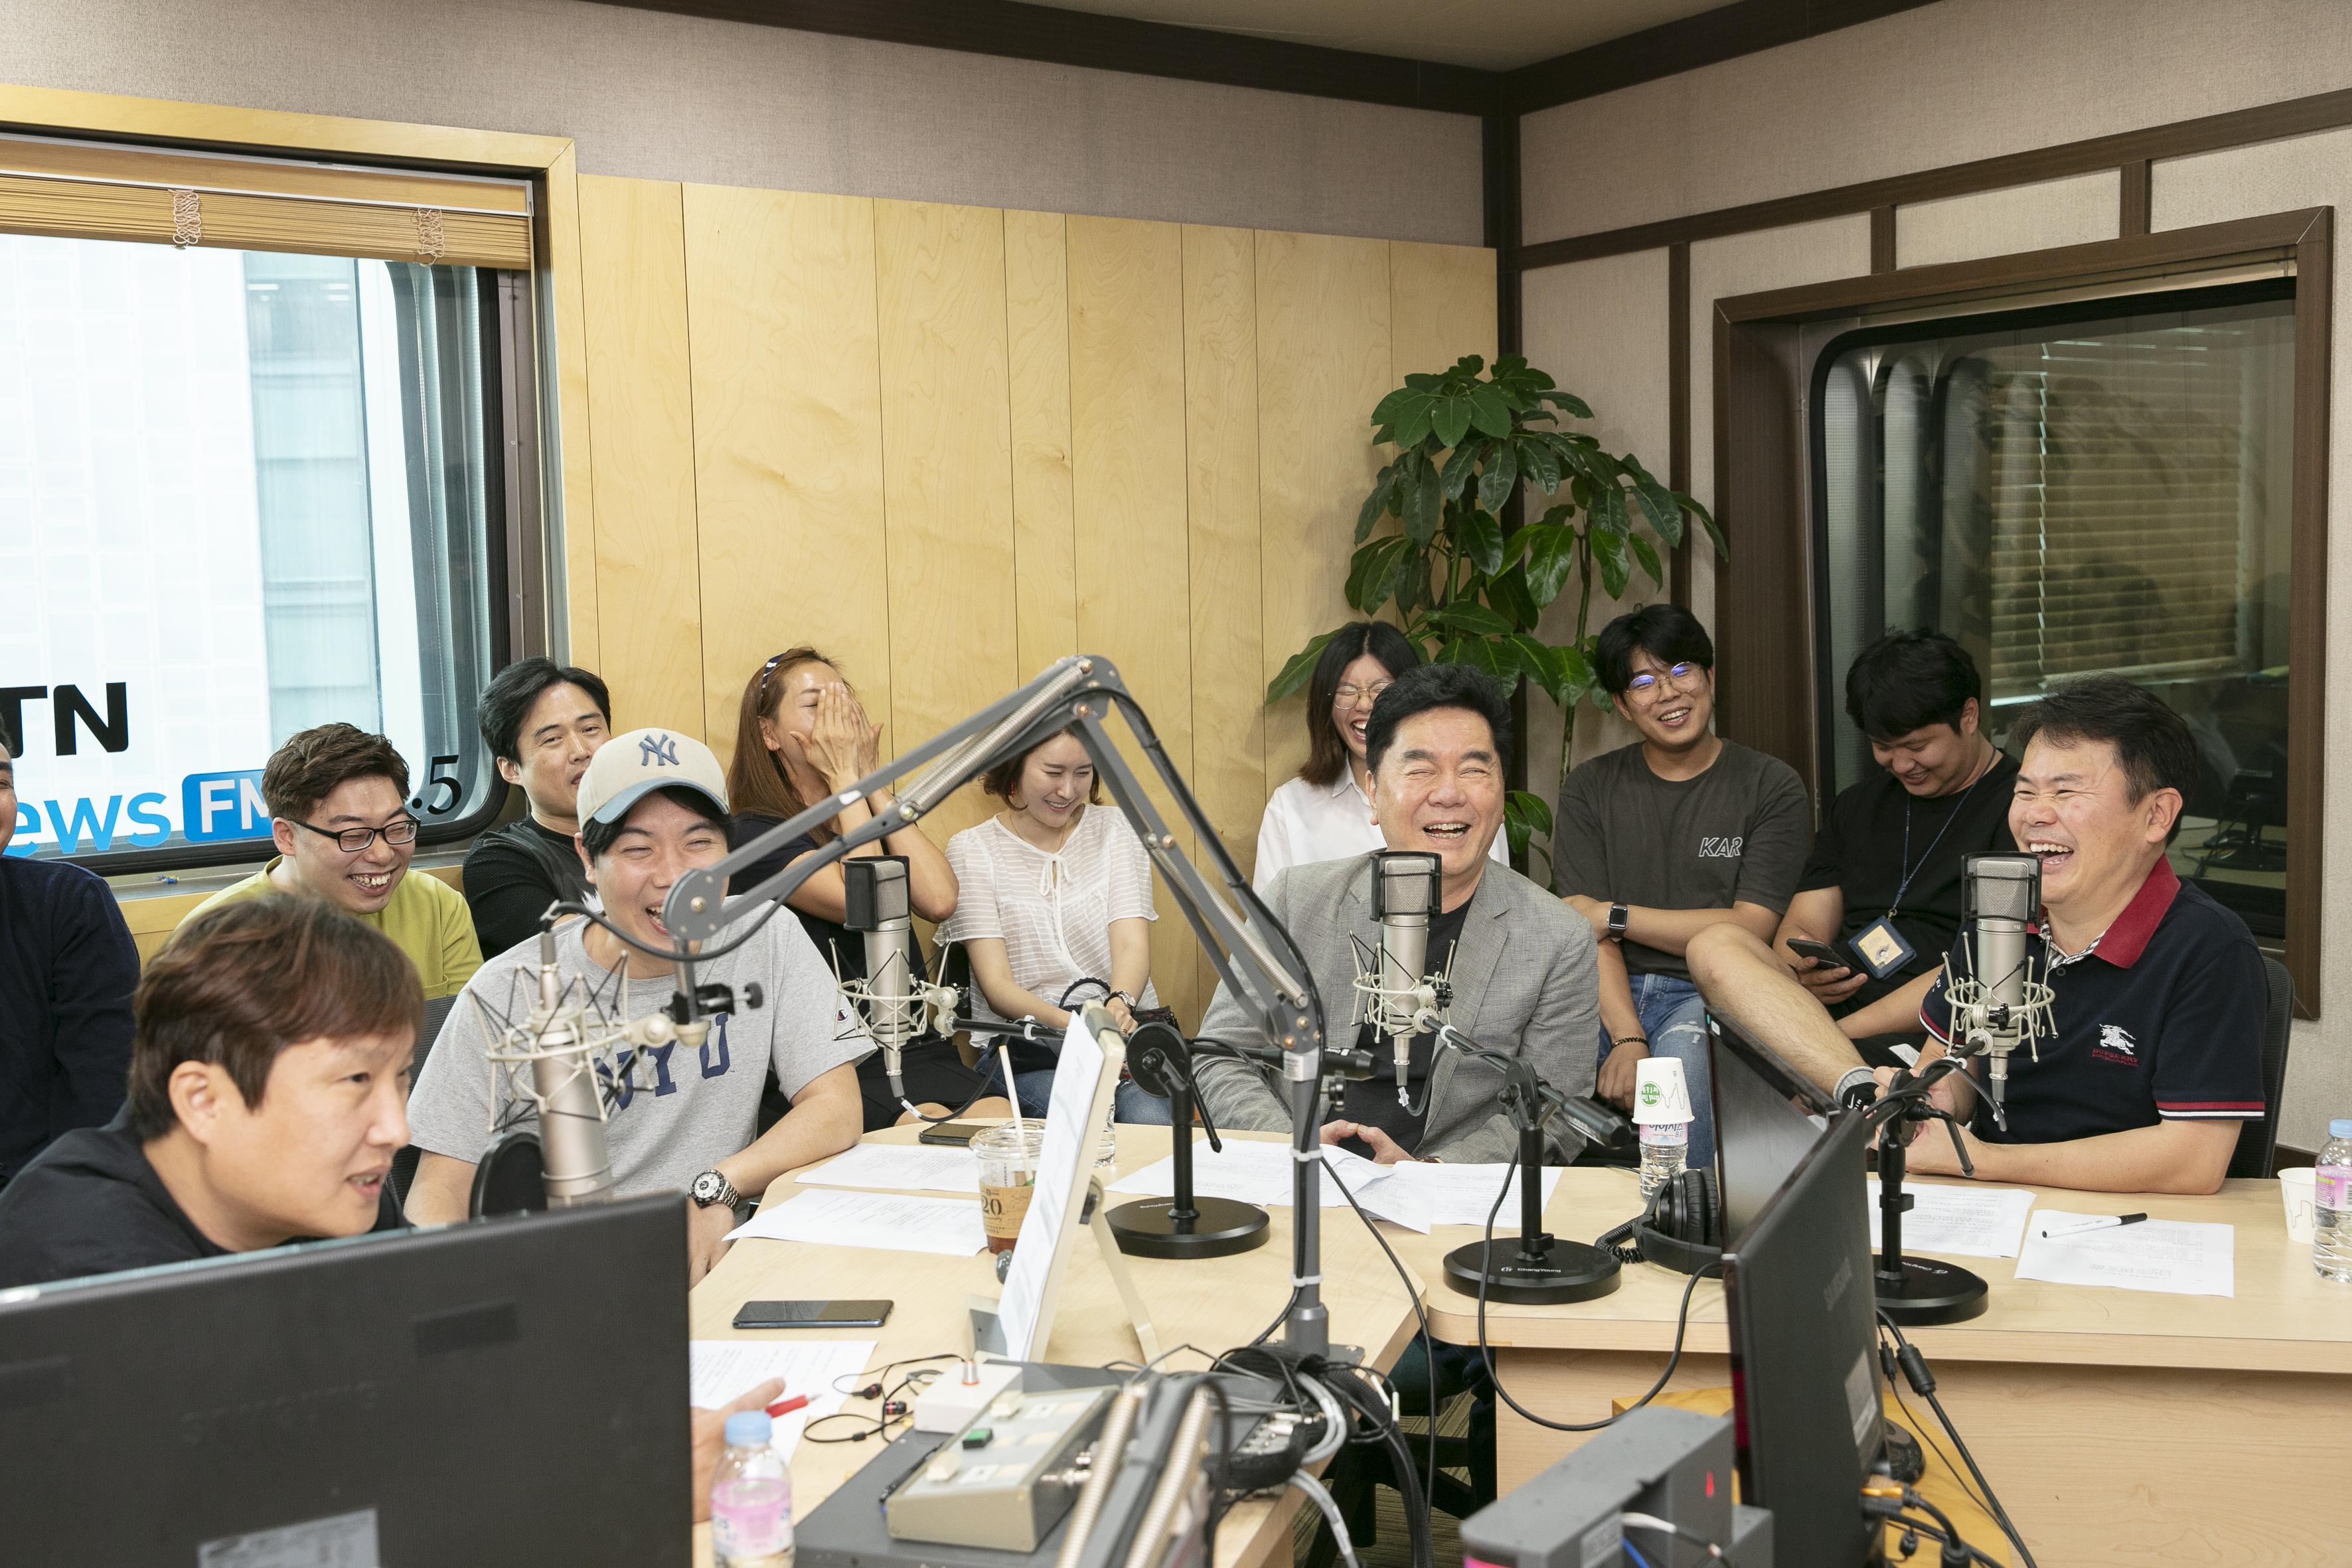 [와찾사] 시그맨 3인방 & 라디오 청취자들